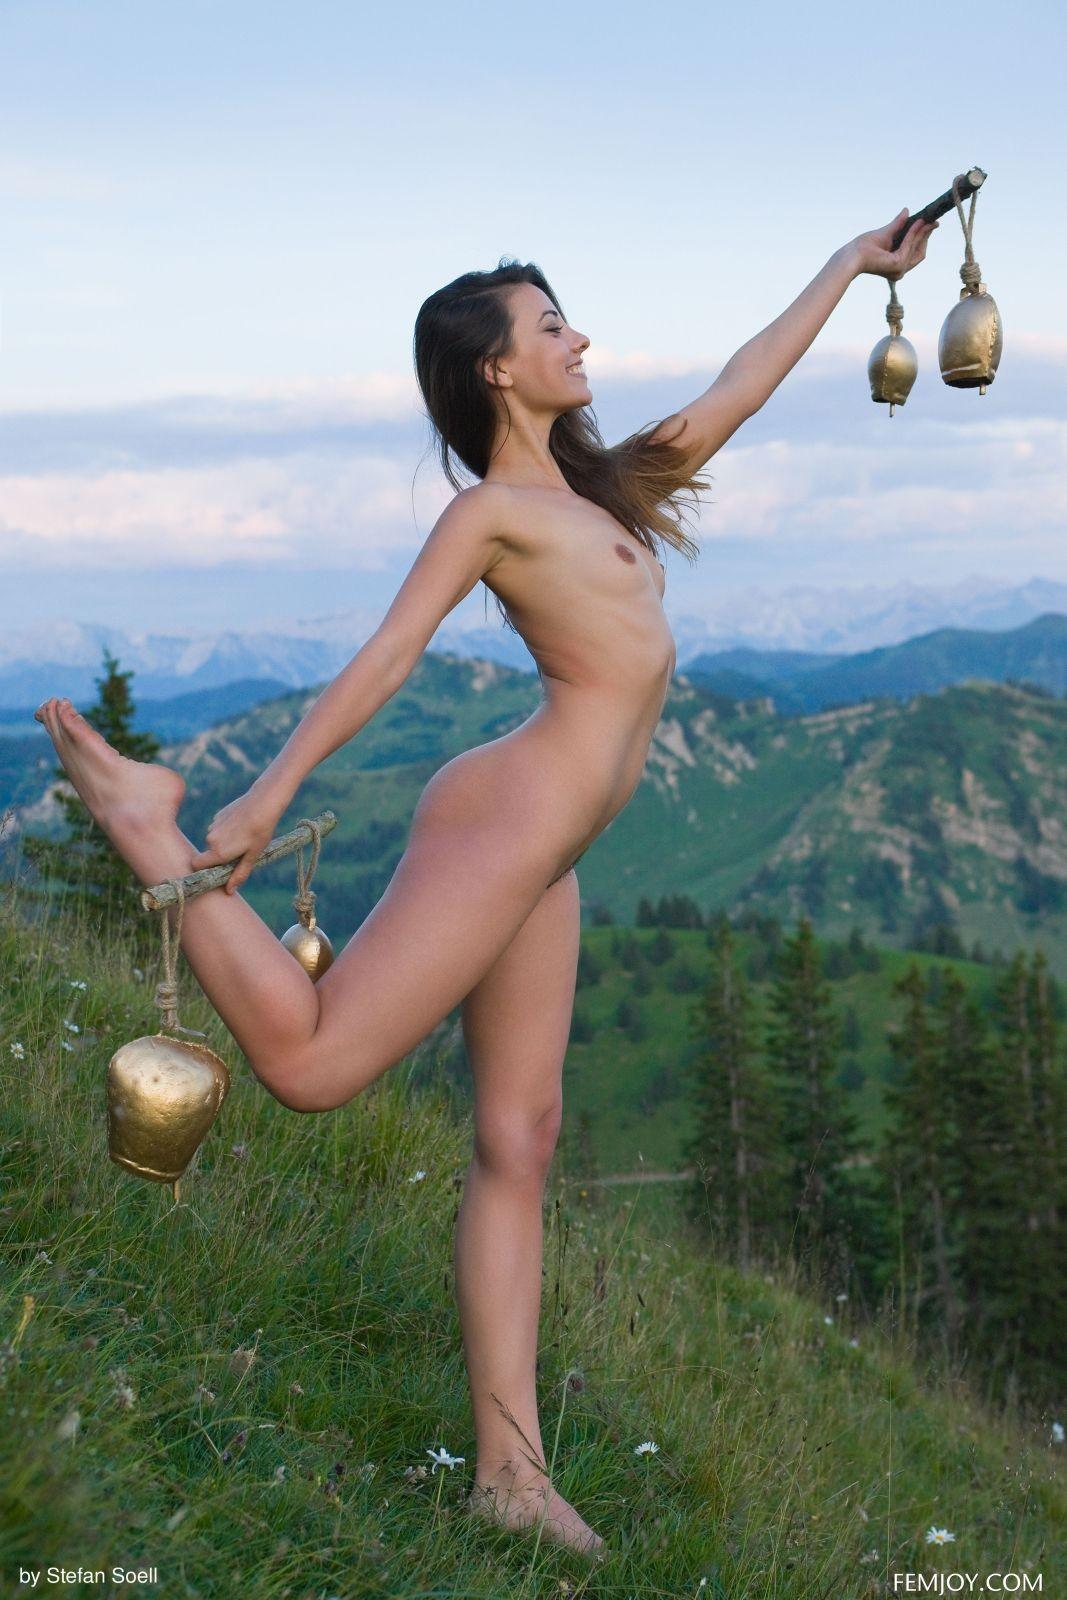 Нагая модель с плоской грудью в горах - фото